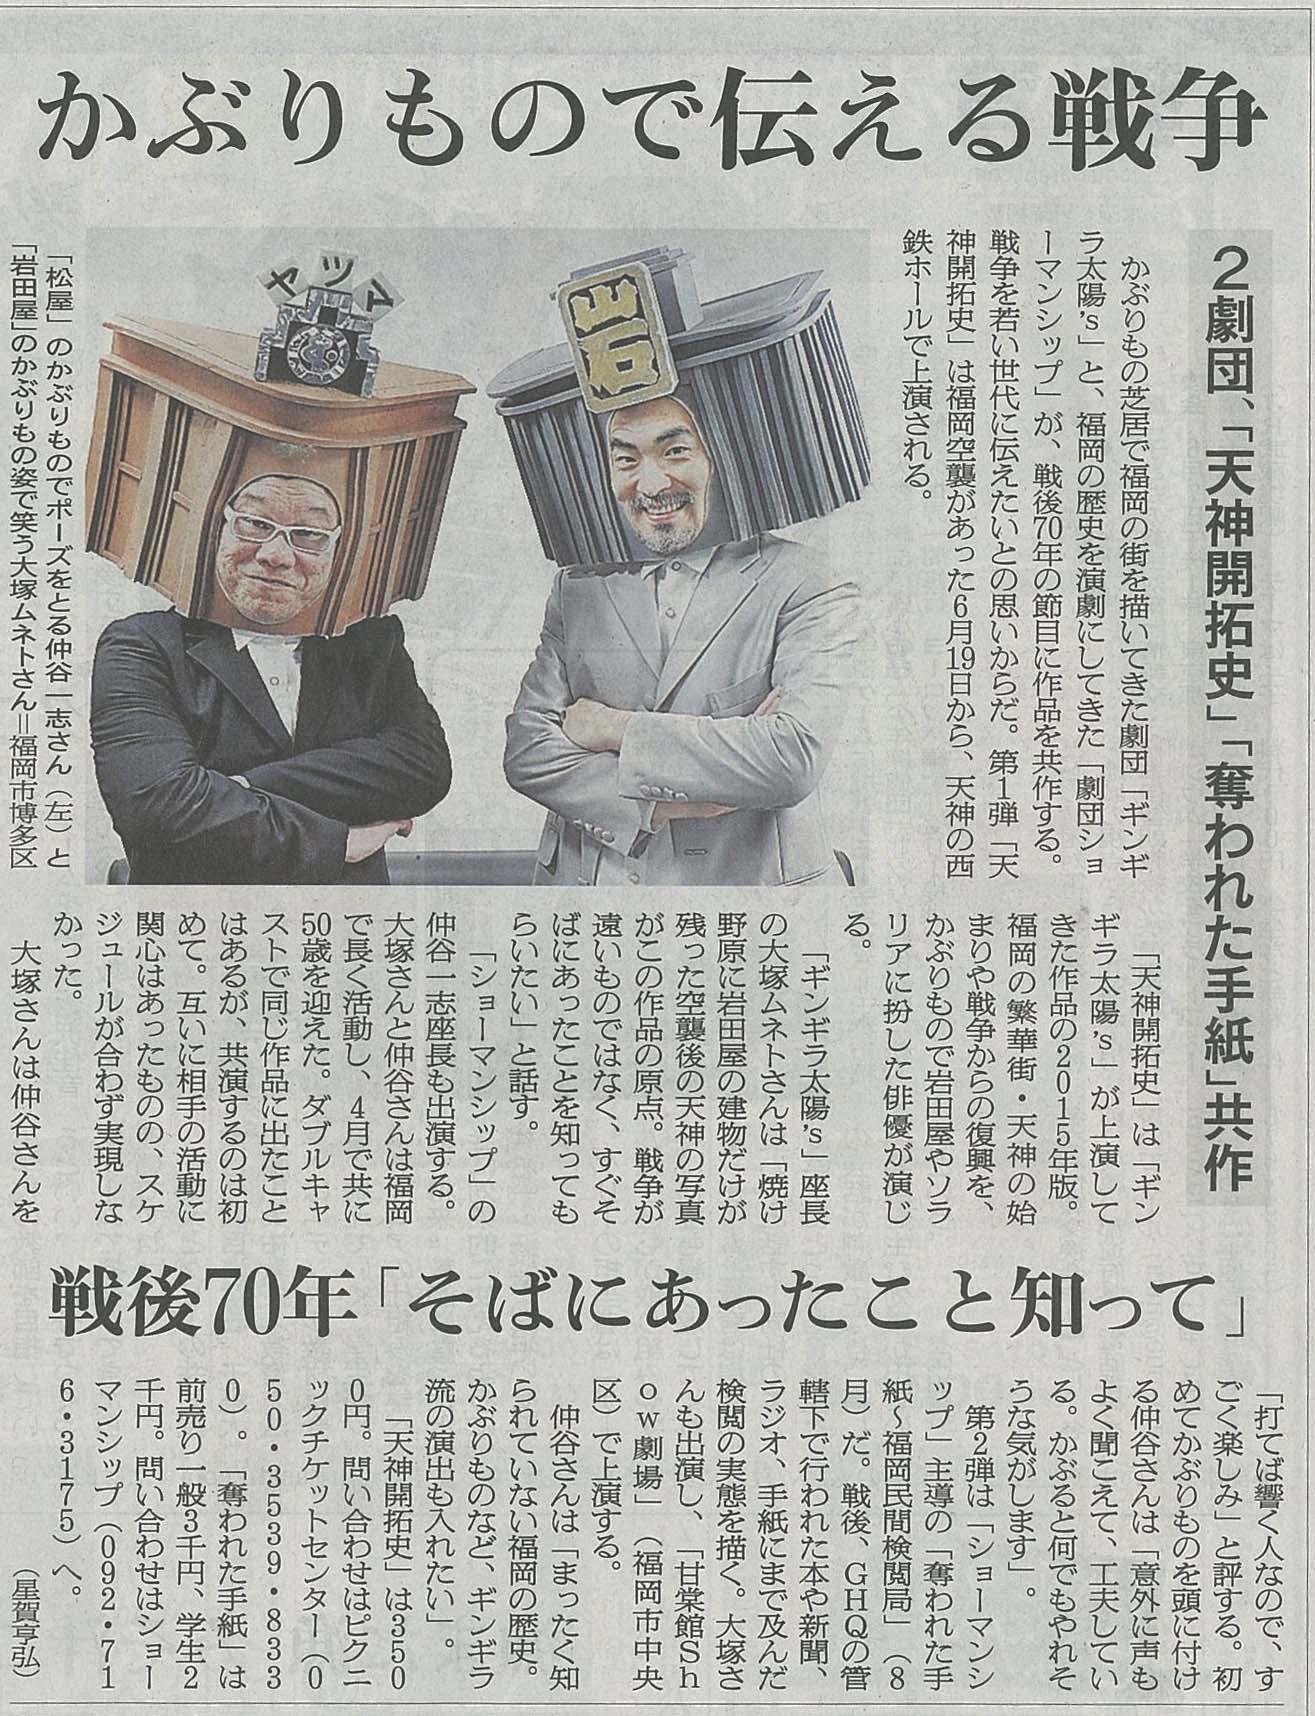 2015年 朝日新聞 朝刊 文化面